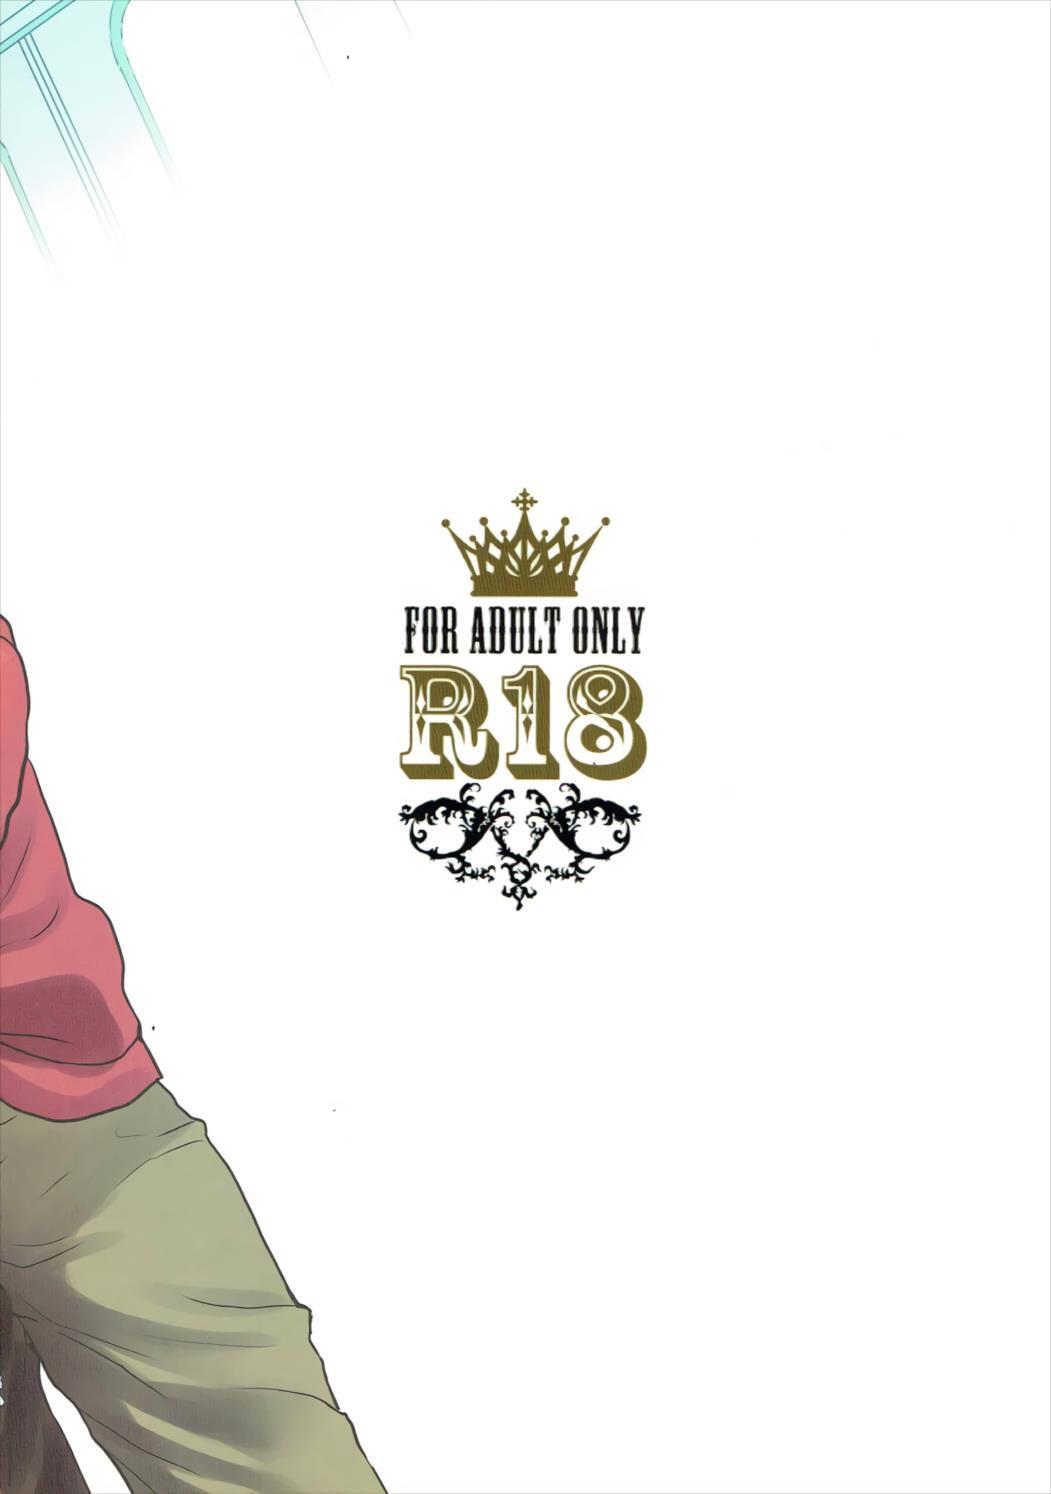 【まほいく エロ漫画・エロ同人】男だけど巨乳魔法少女になったラ・ピュセルがエッチな恰好して街を歩いて露出を堪能してるw電車に乗ったら集団痴漢にレイプされて感じまくりンゴwww (26)